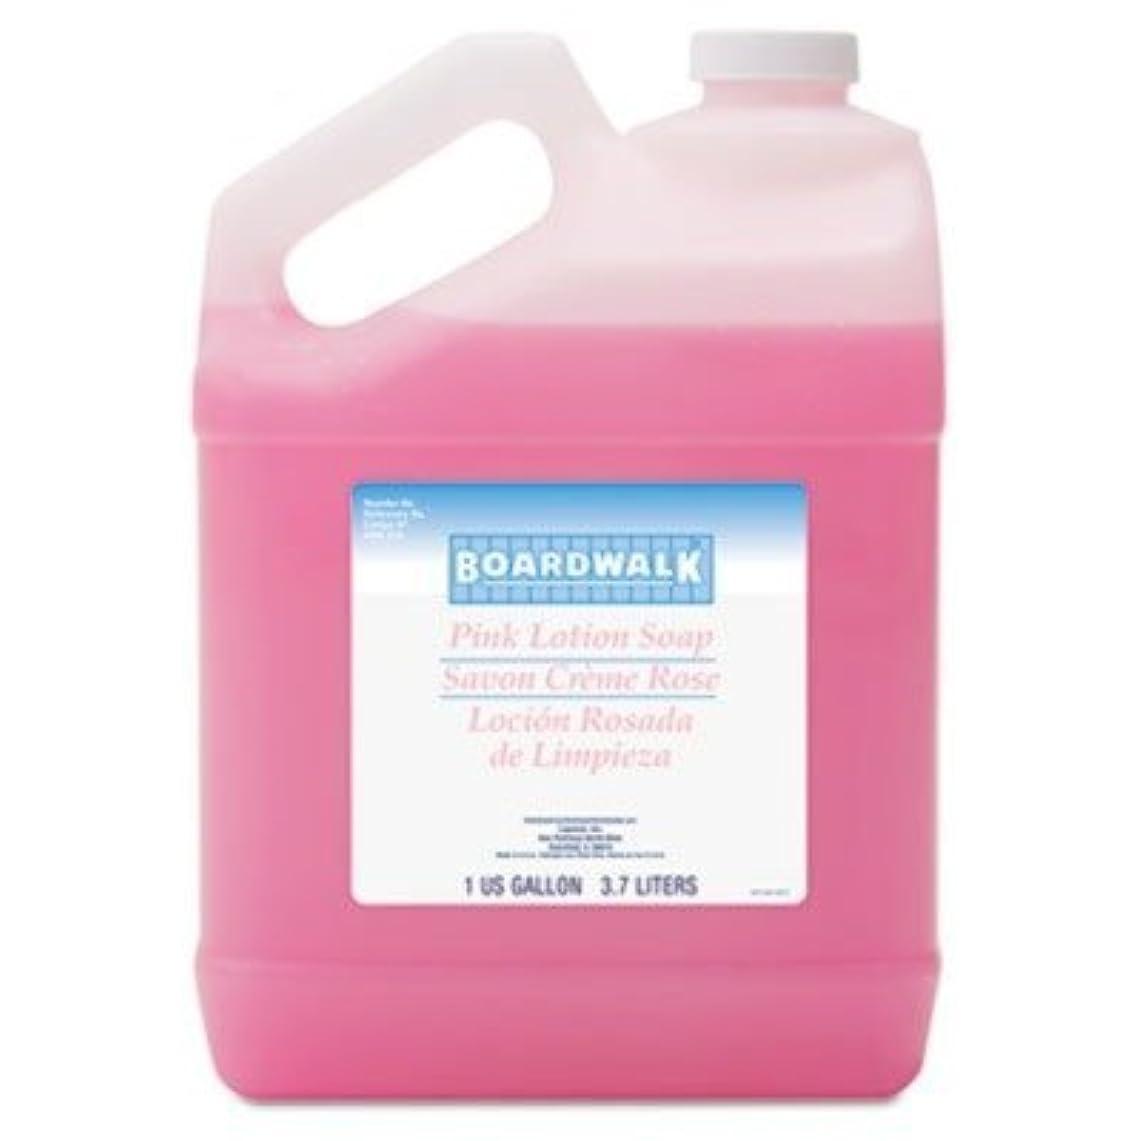 征服者ケニアで出来ているbwk410 – Mild Cleansing Lotion Soap、LTピンク花柄香り、液体、1ガロンボトル